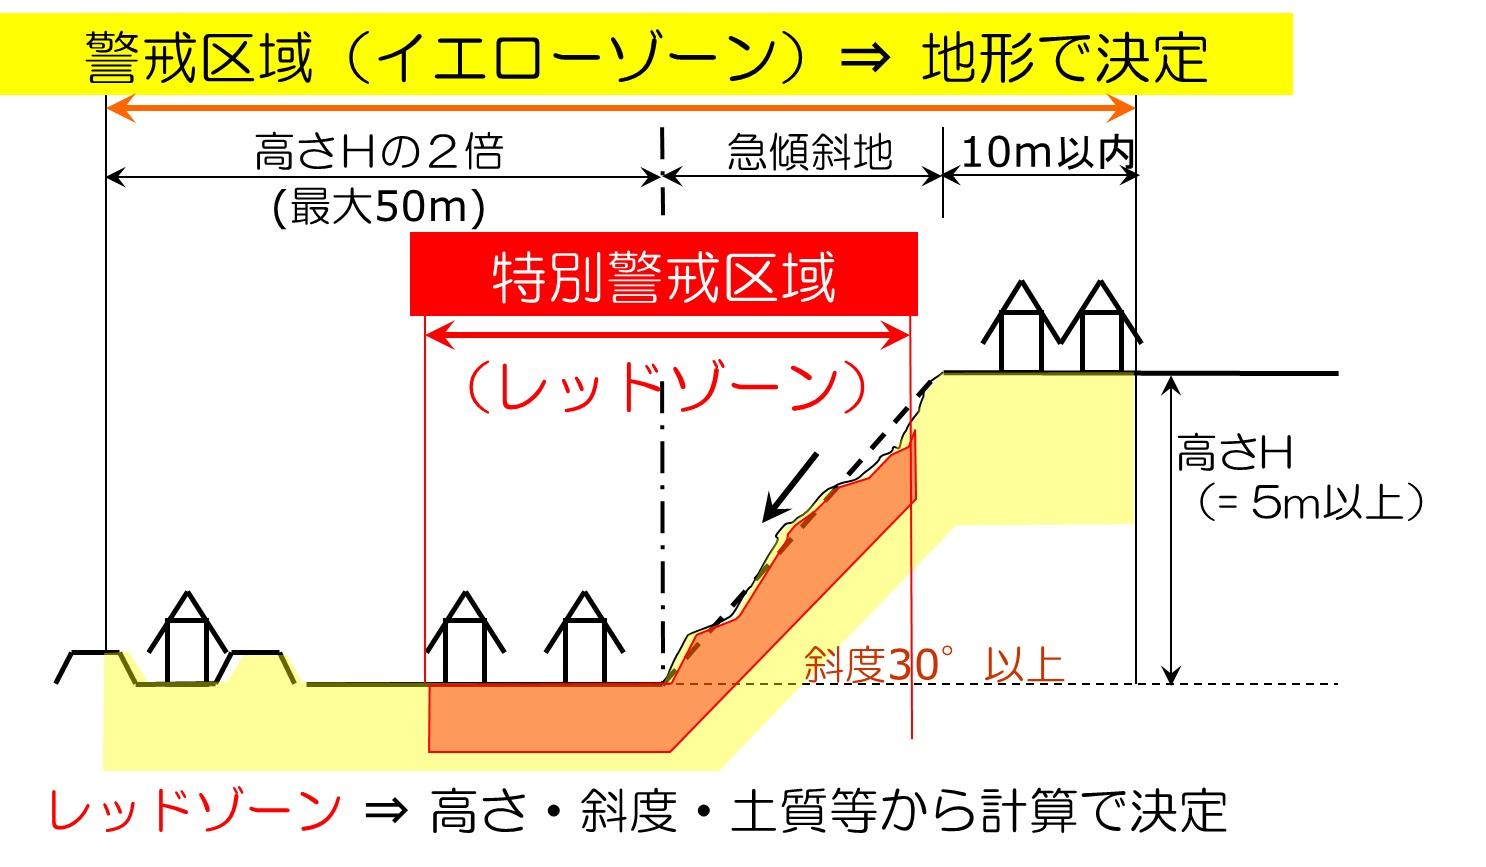 土砂災害特別警戒区域(通称:レッドゾーン)とは